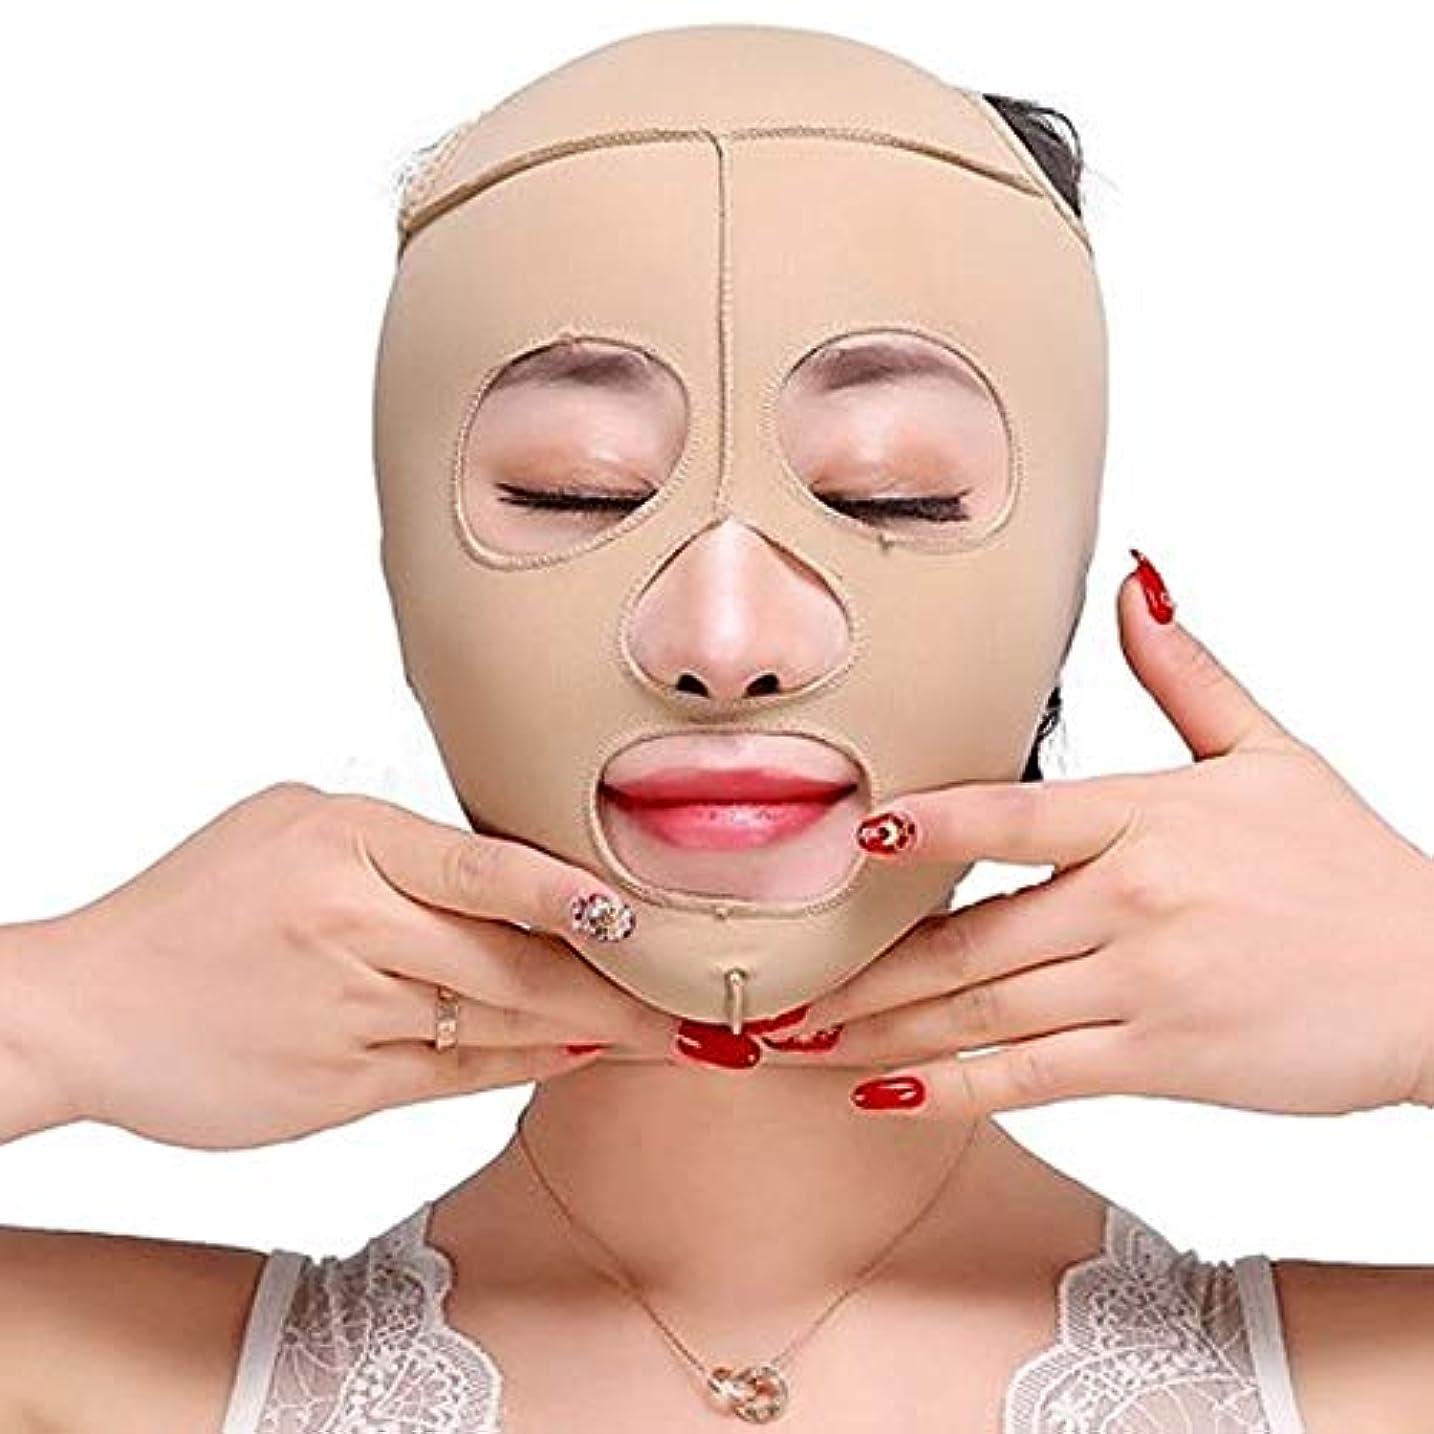 無条件シリアル収縮Minmin フェイスリフティングアーティファクト睡眠薄い顔顔の顔薄い顔V顔マスク二重あご薄い顔包帯肌色 みんみんVラインフェイスマスク (Size : S)